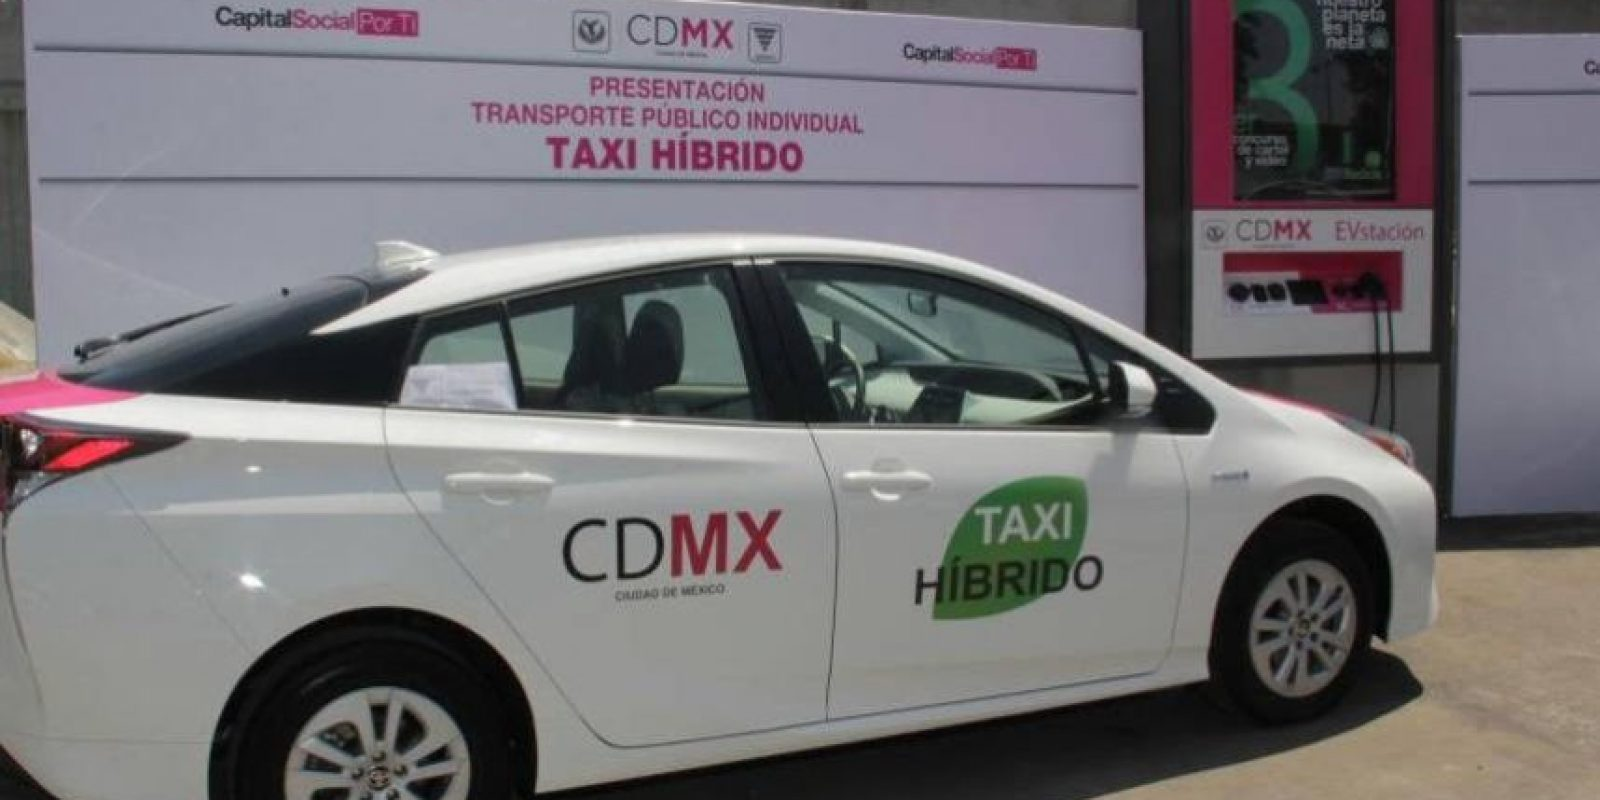 No se subirá la tarifa por la entrada de estos vehículos modernos Foto:Especial